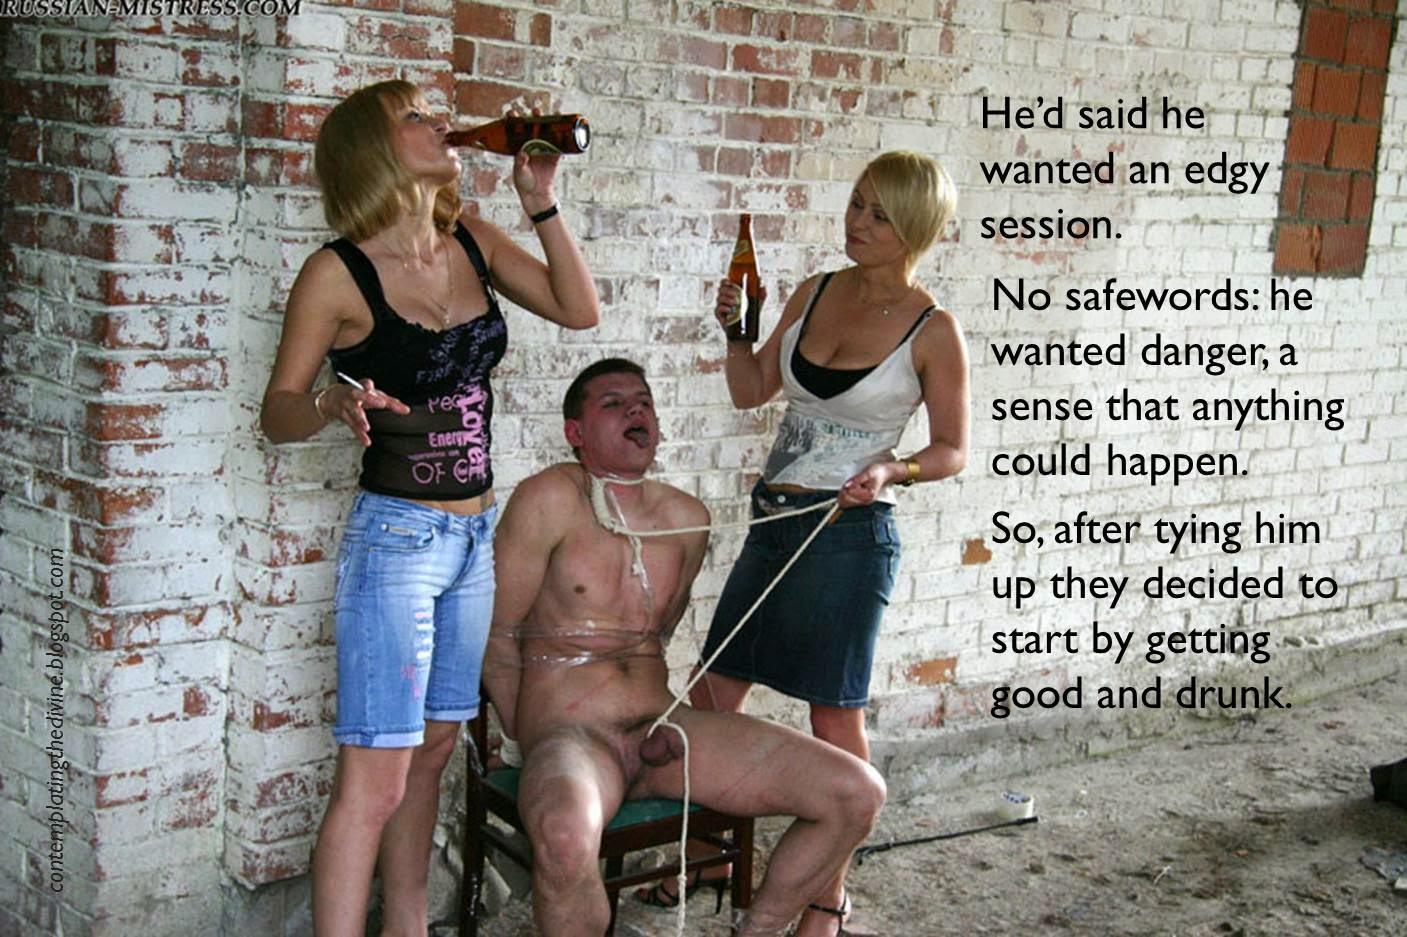 Drunken femdom, oh dear